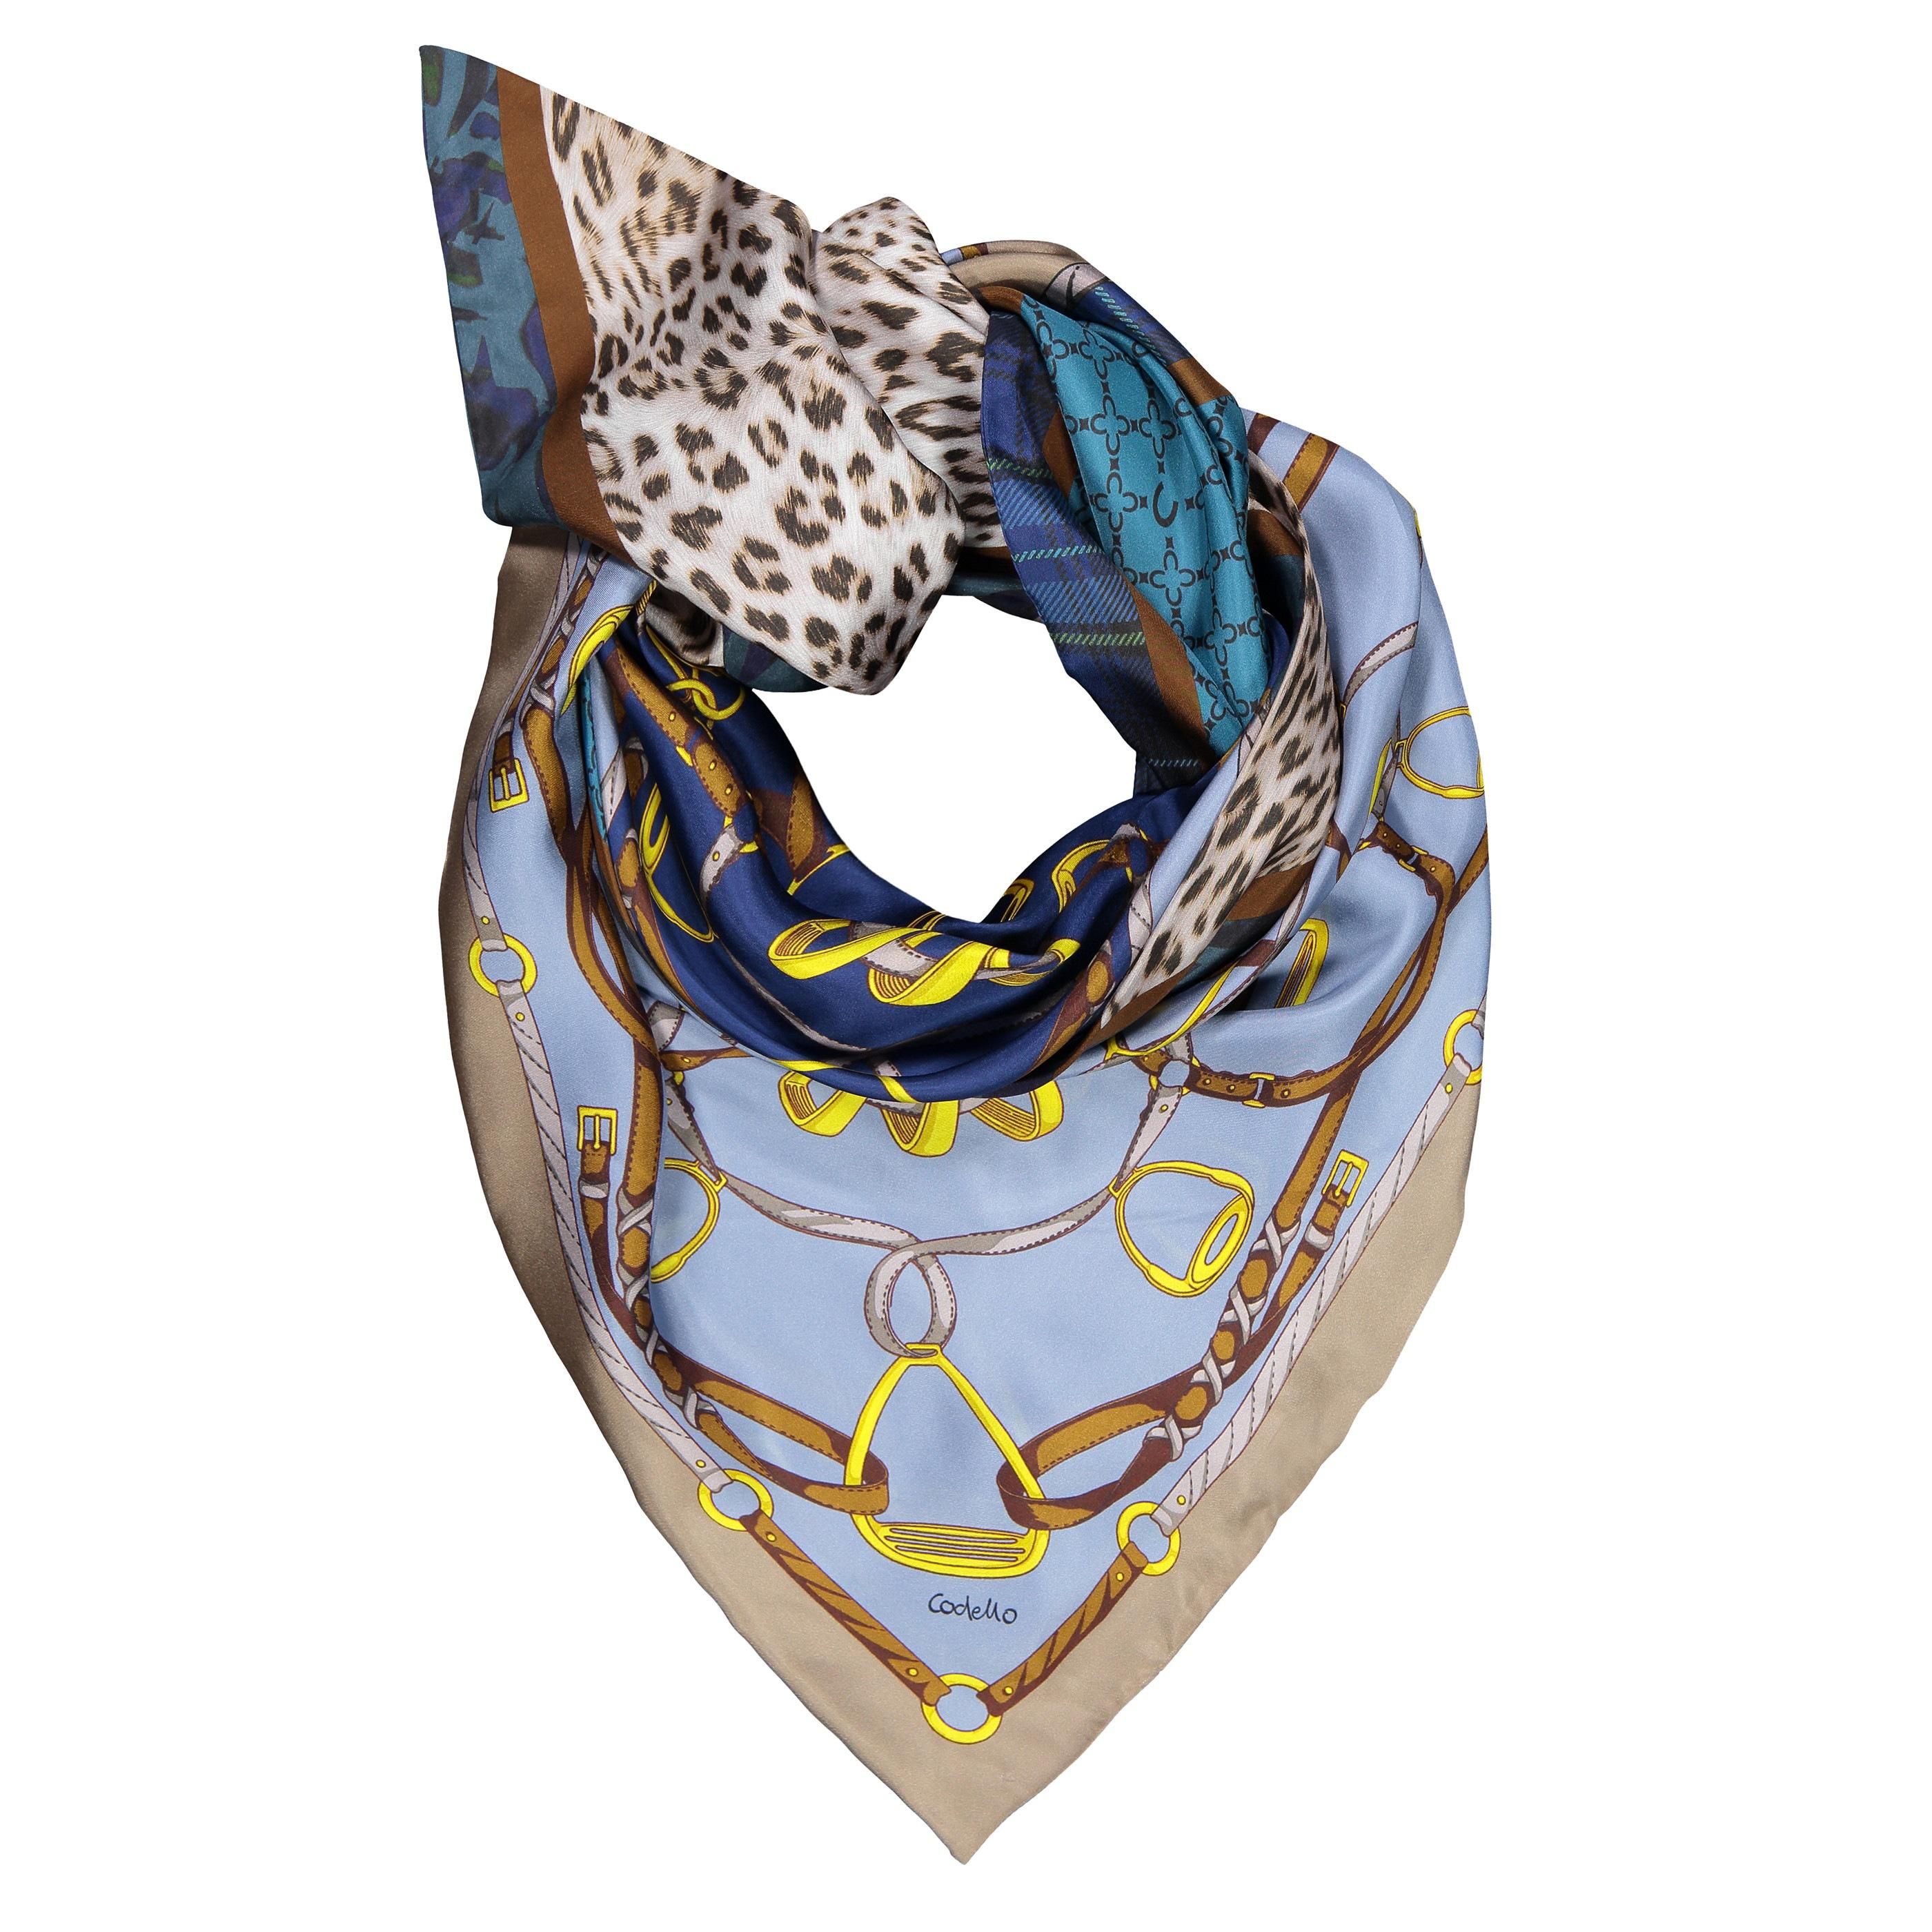 Codello Dreieckstuch, aus reiner Seide blau Damen Dreieckstücher Schals, Loops Tücher Accessoires Dreieckstuch